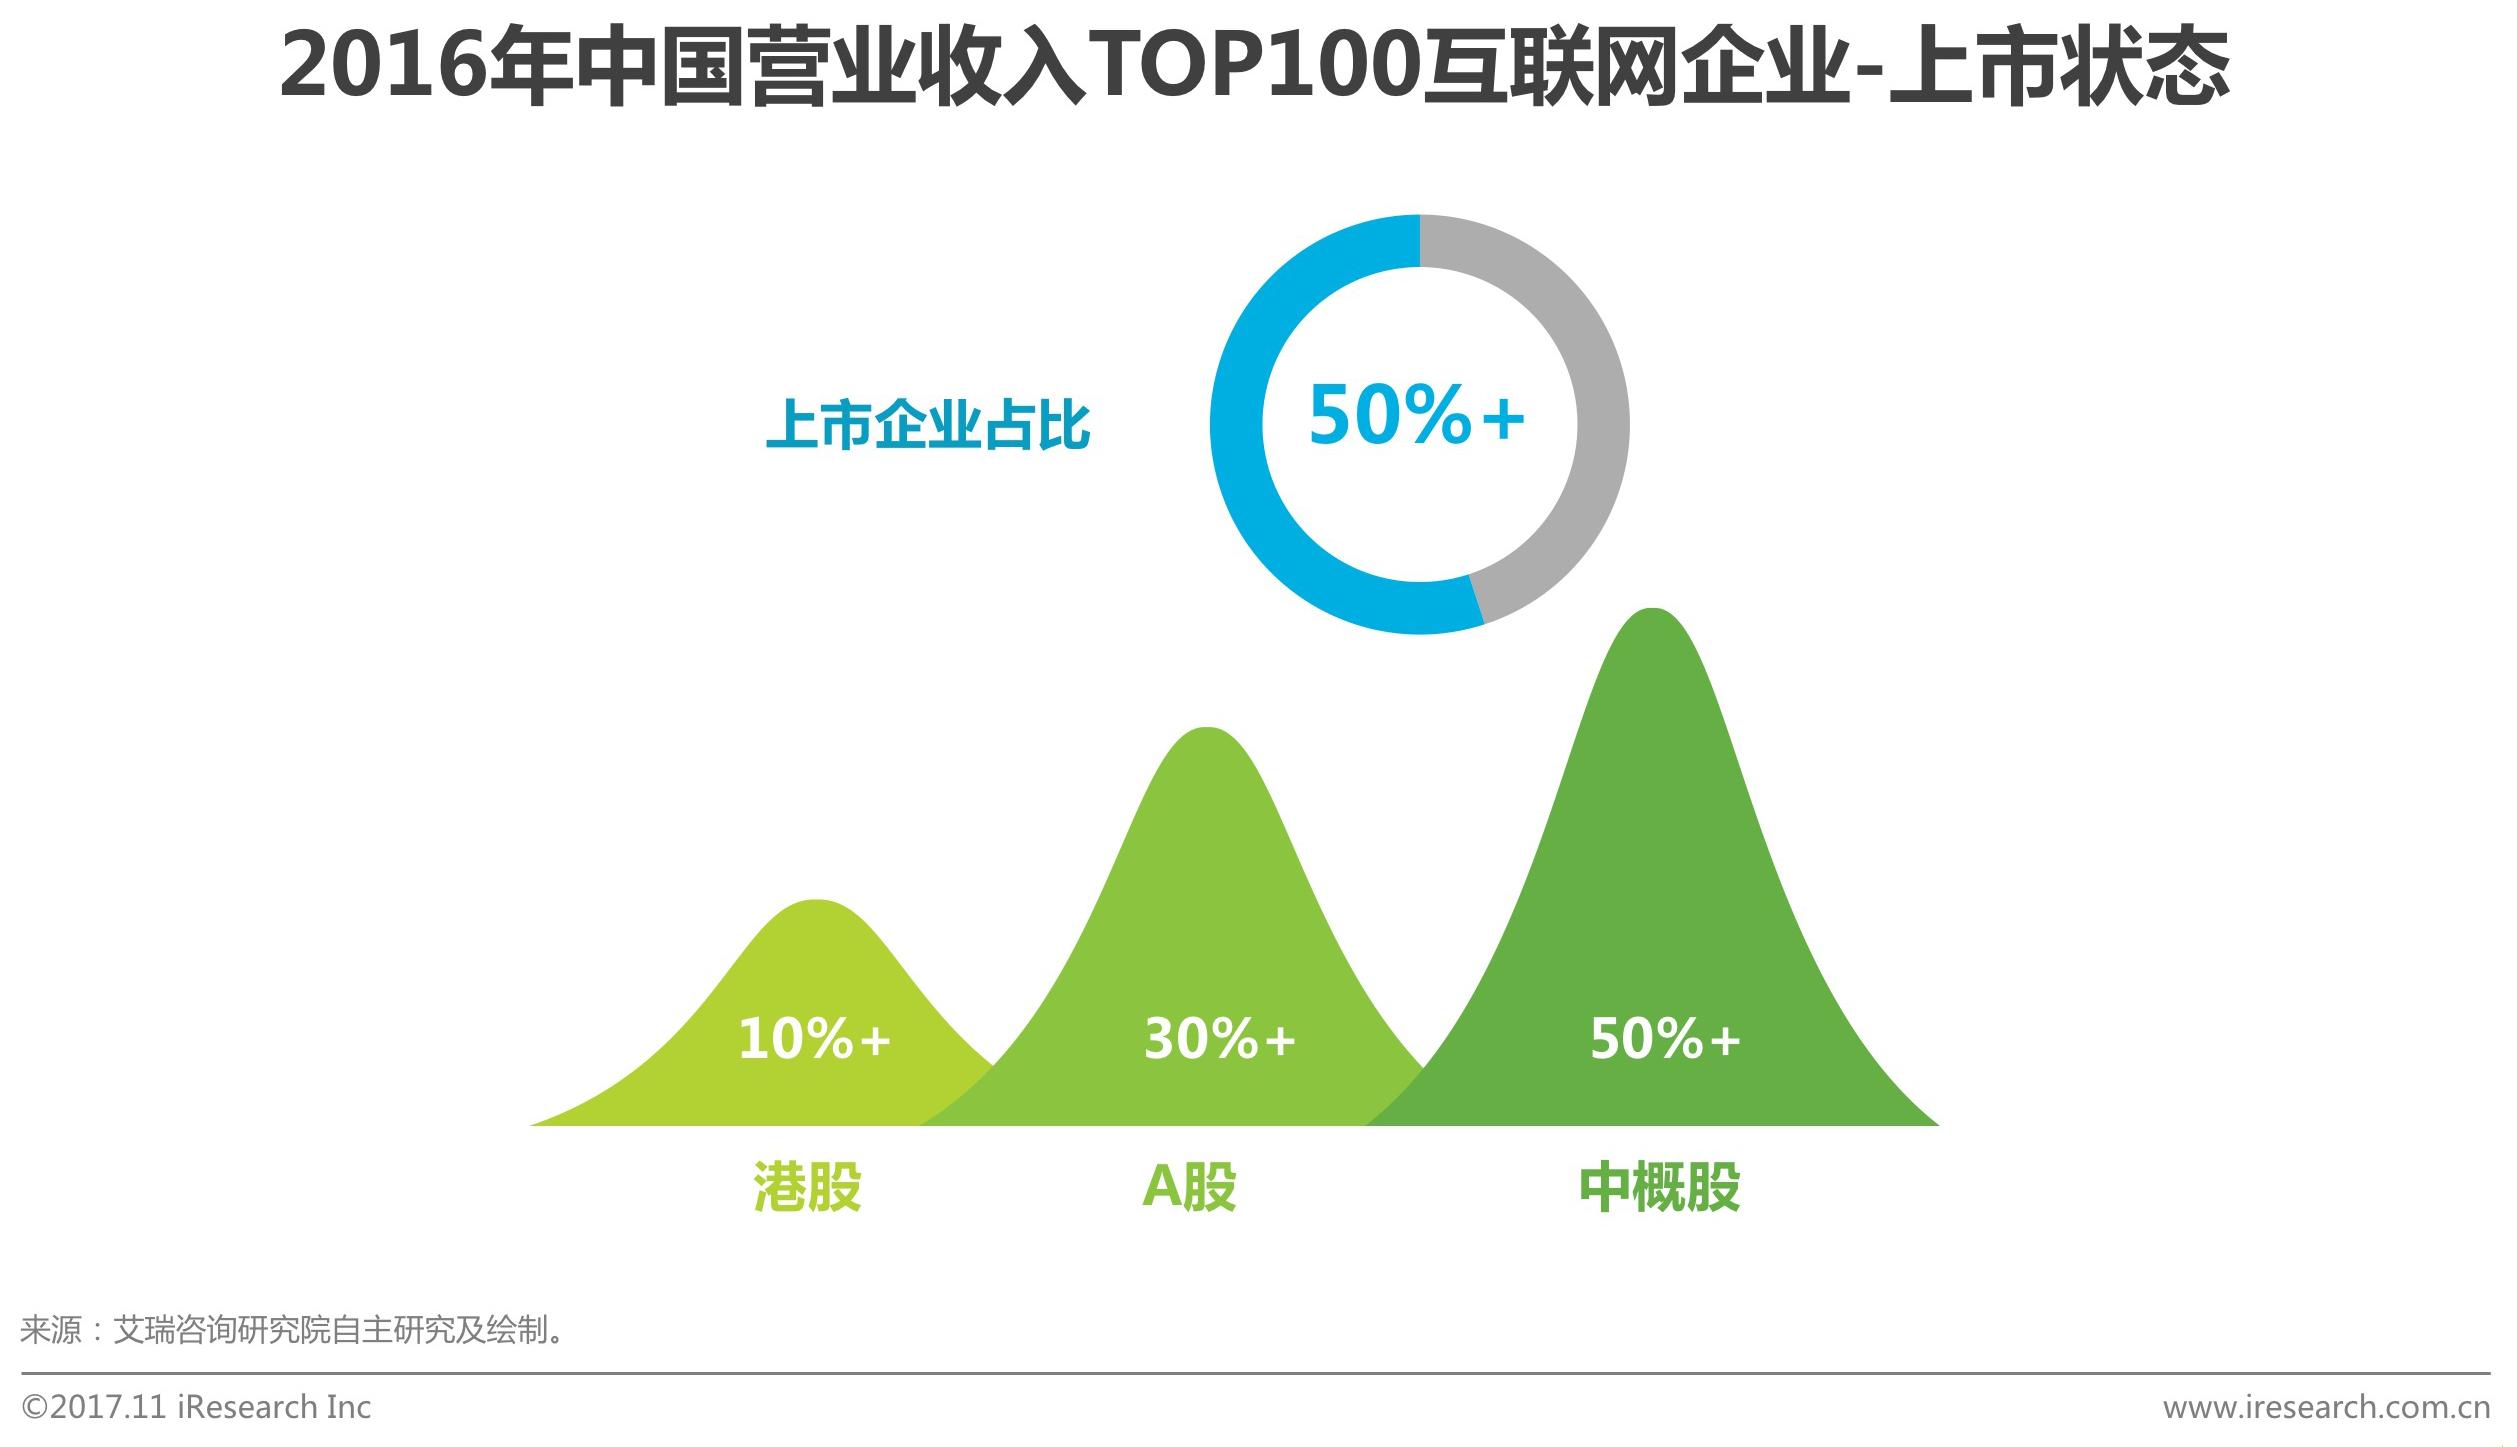 2016年中国营业收入TOP100互联网企业上市状态